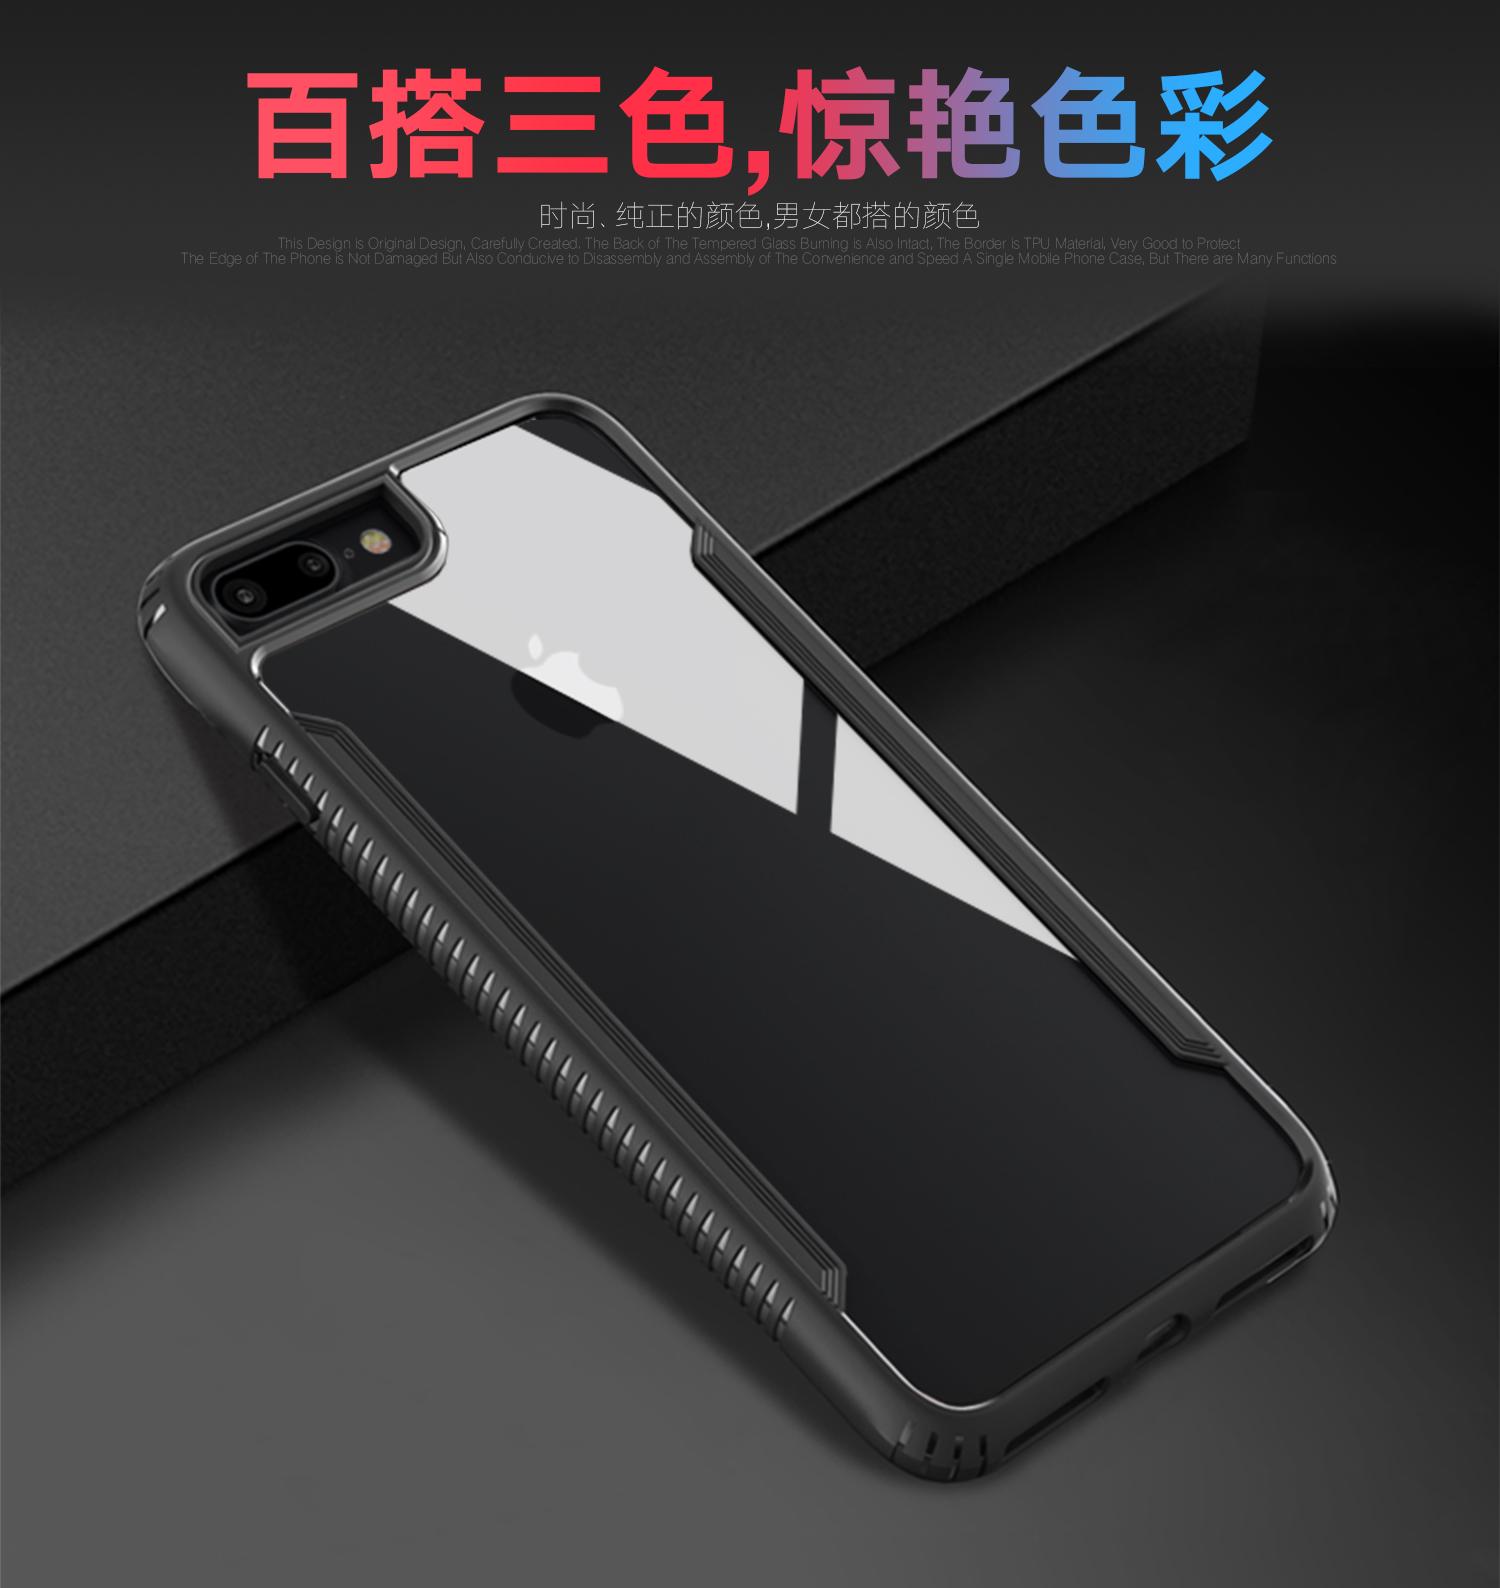 苹果iphone7plus/8plus手机壳 女款玻璃镜面个性潮全包边硅胶防摔六韩国贝壳纹外壳?;ぬ状匆獬迸?黑色一体